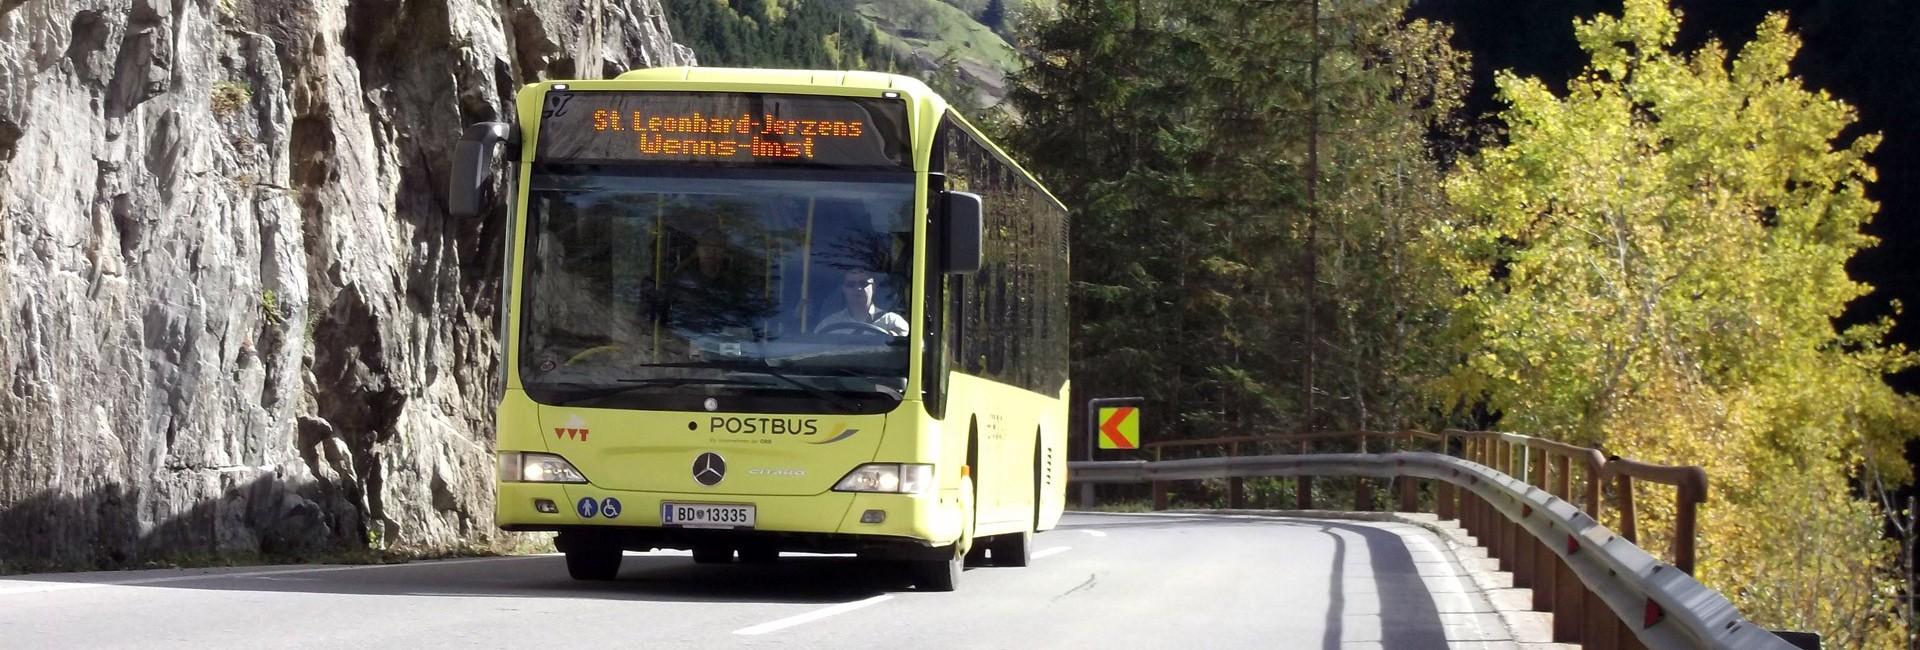 Bus Shuttle Service Public Bus Transport Information Pitztal